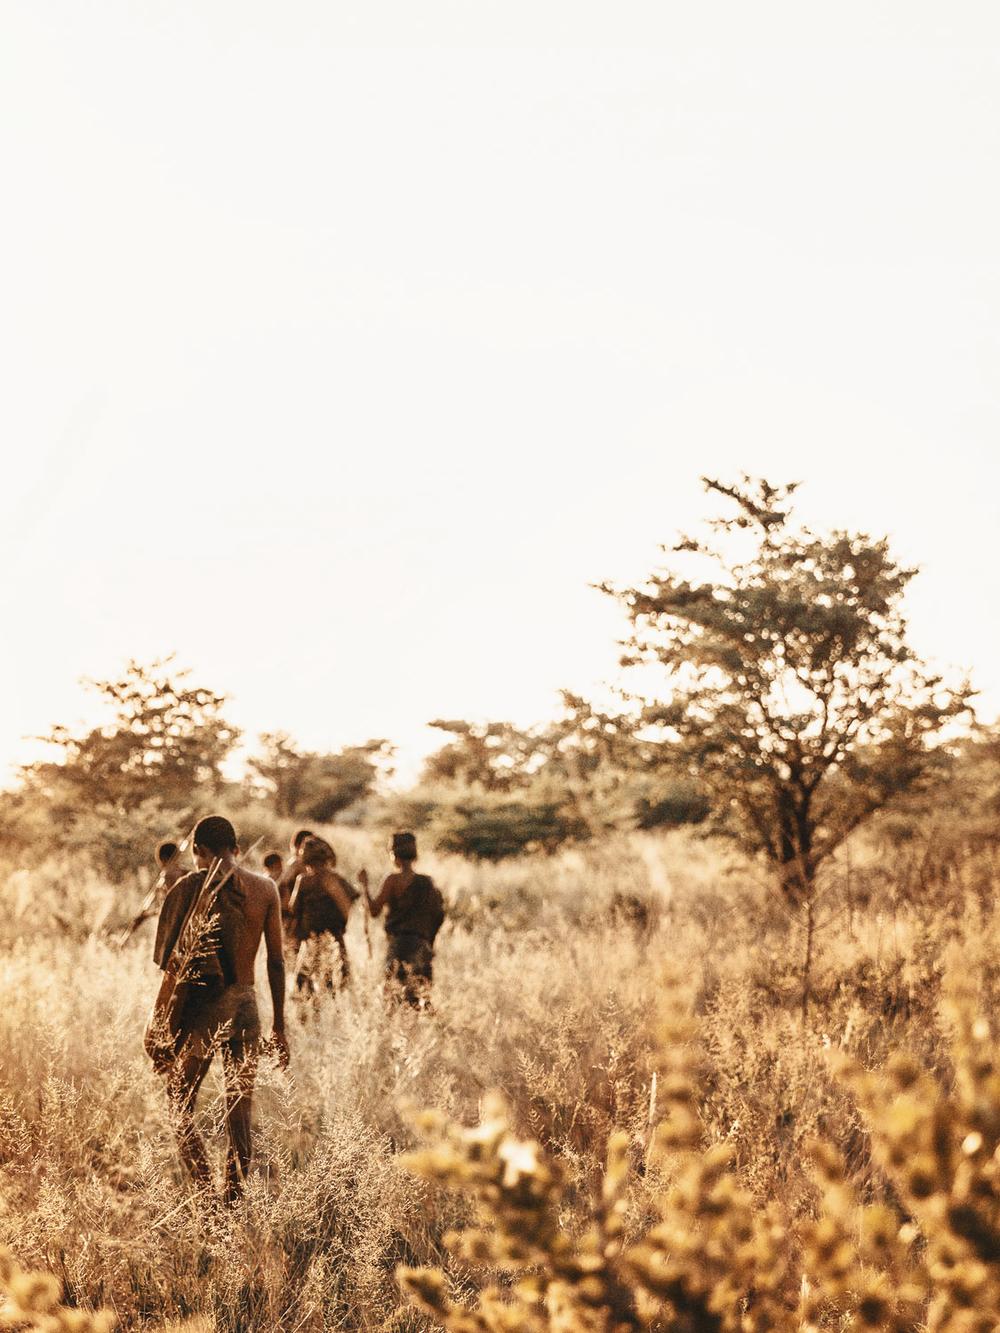 CallieGiovanna_Africa_Botswana_Kalahari_20150101_03160.jpg